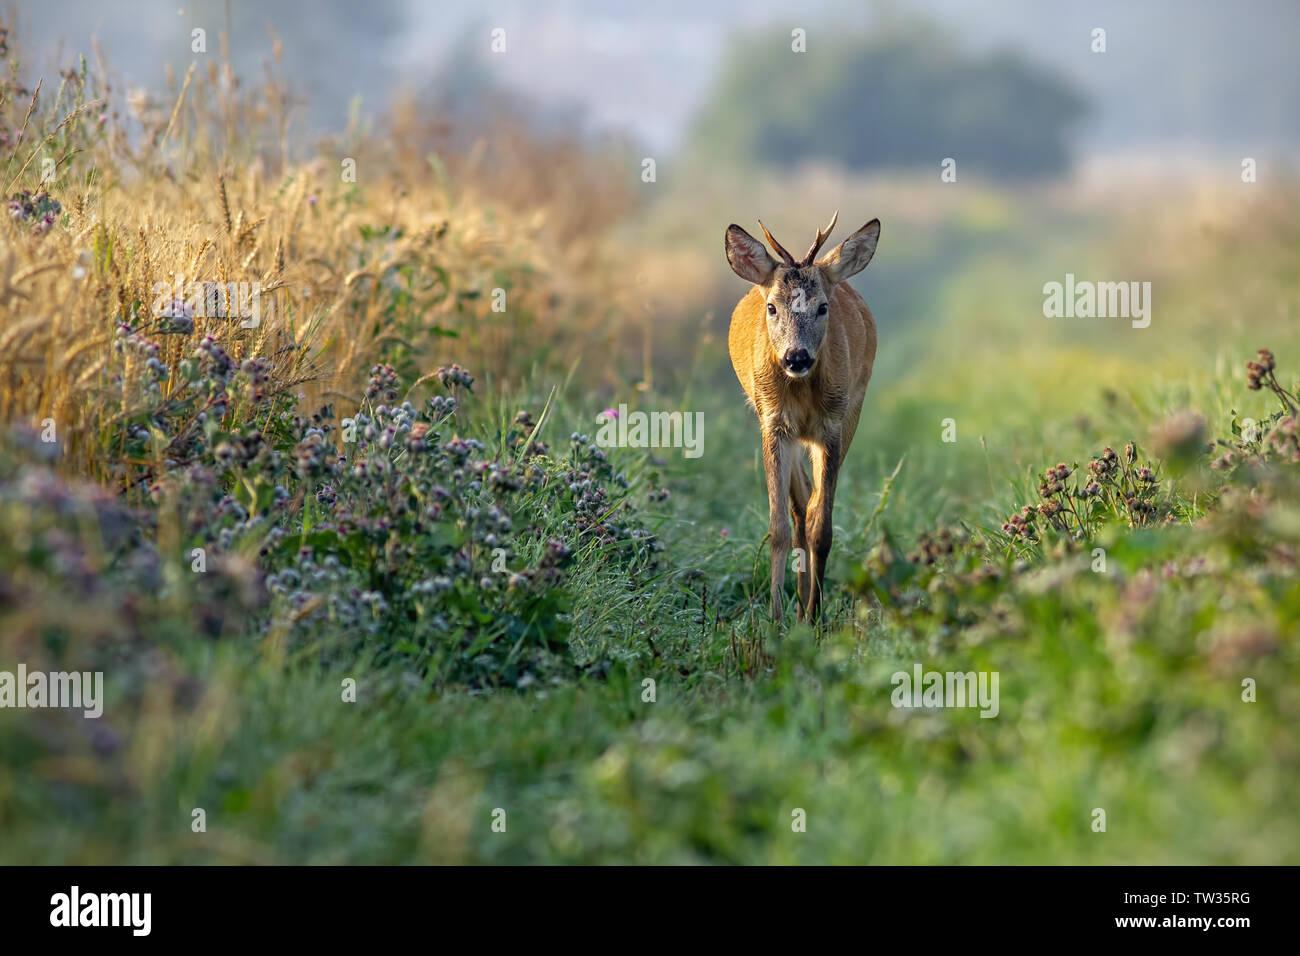 Corzo Capreolus capreolus, Buck caminando junto a campo de grano en la soleada mañana de verano. Curioso joven salvaje roebuck acercándose en la naturaleza. Foto de stock